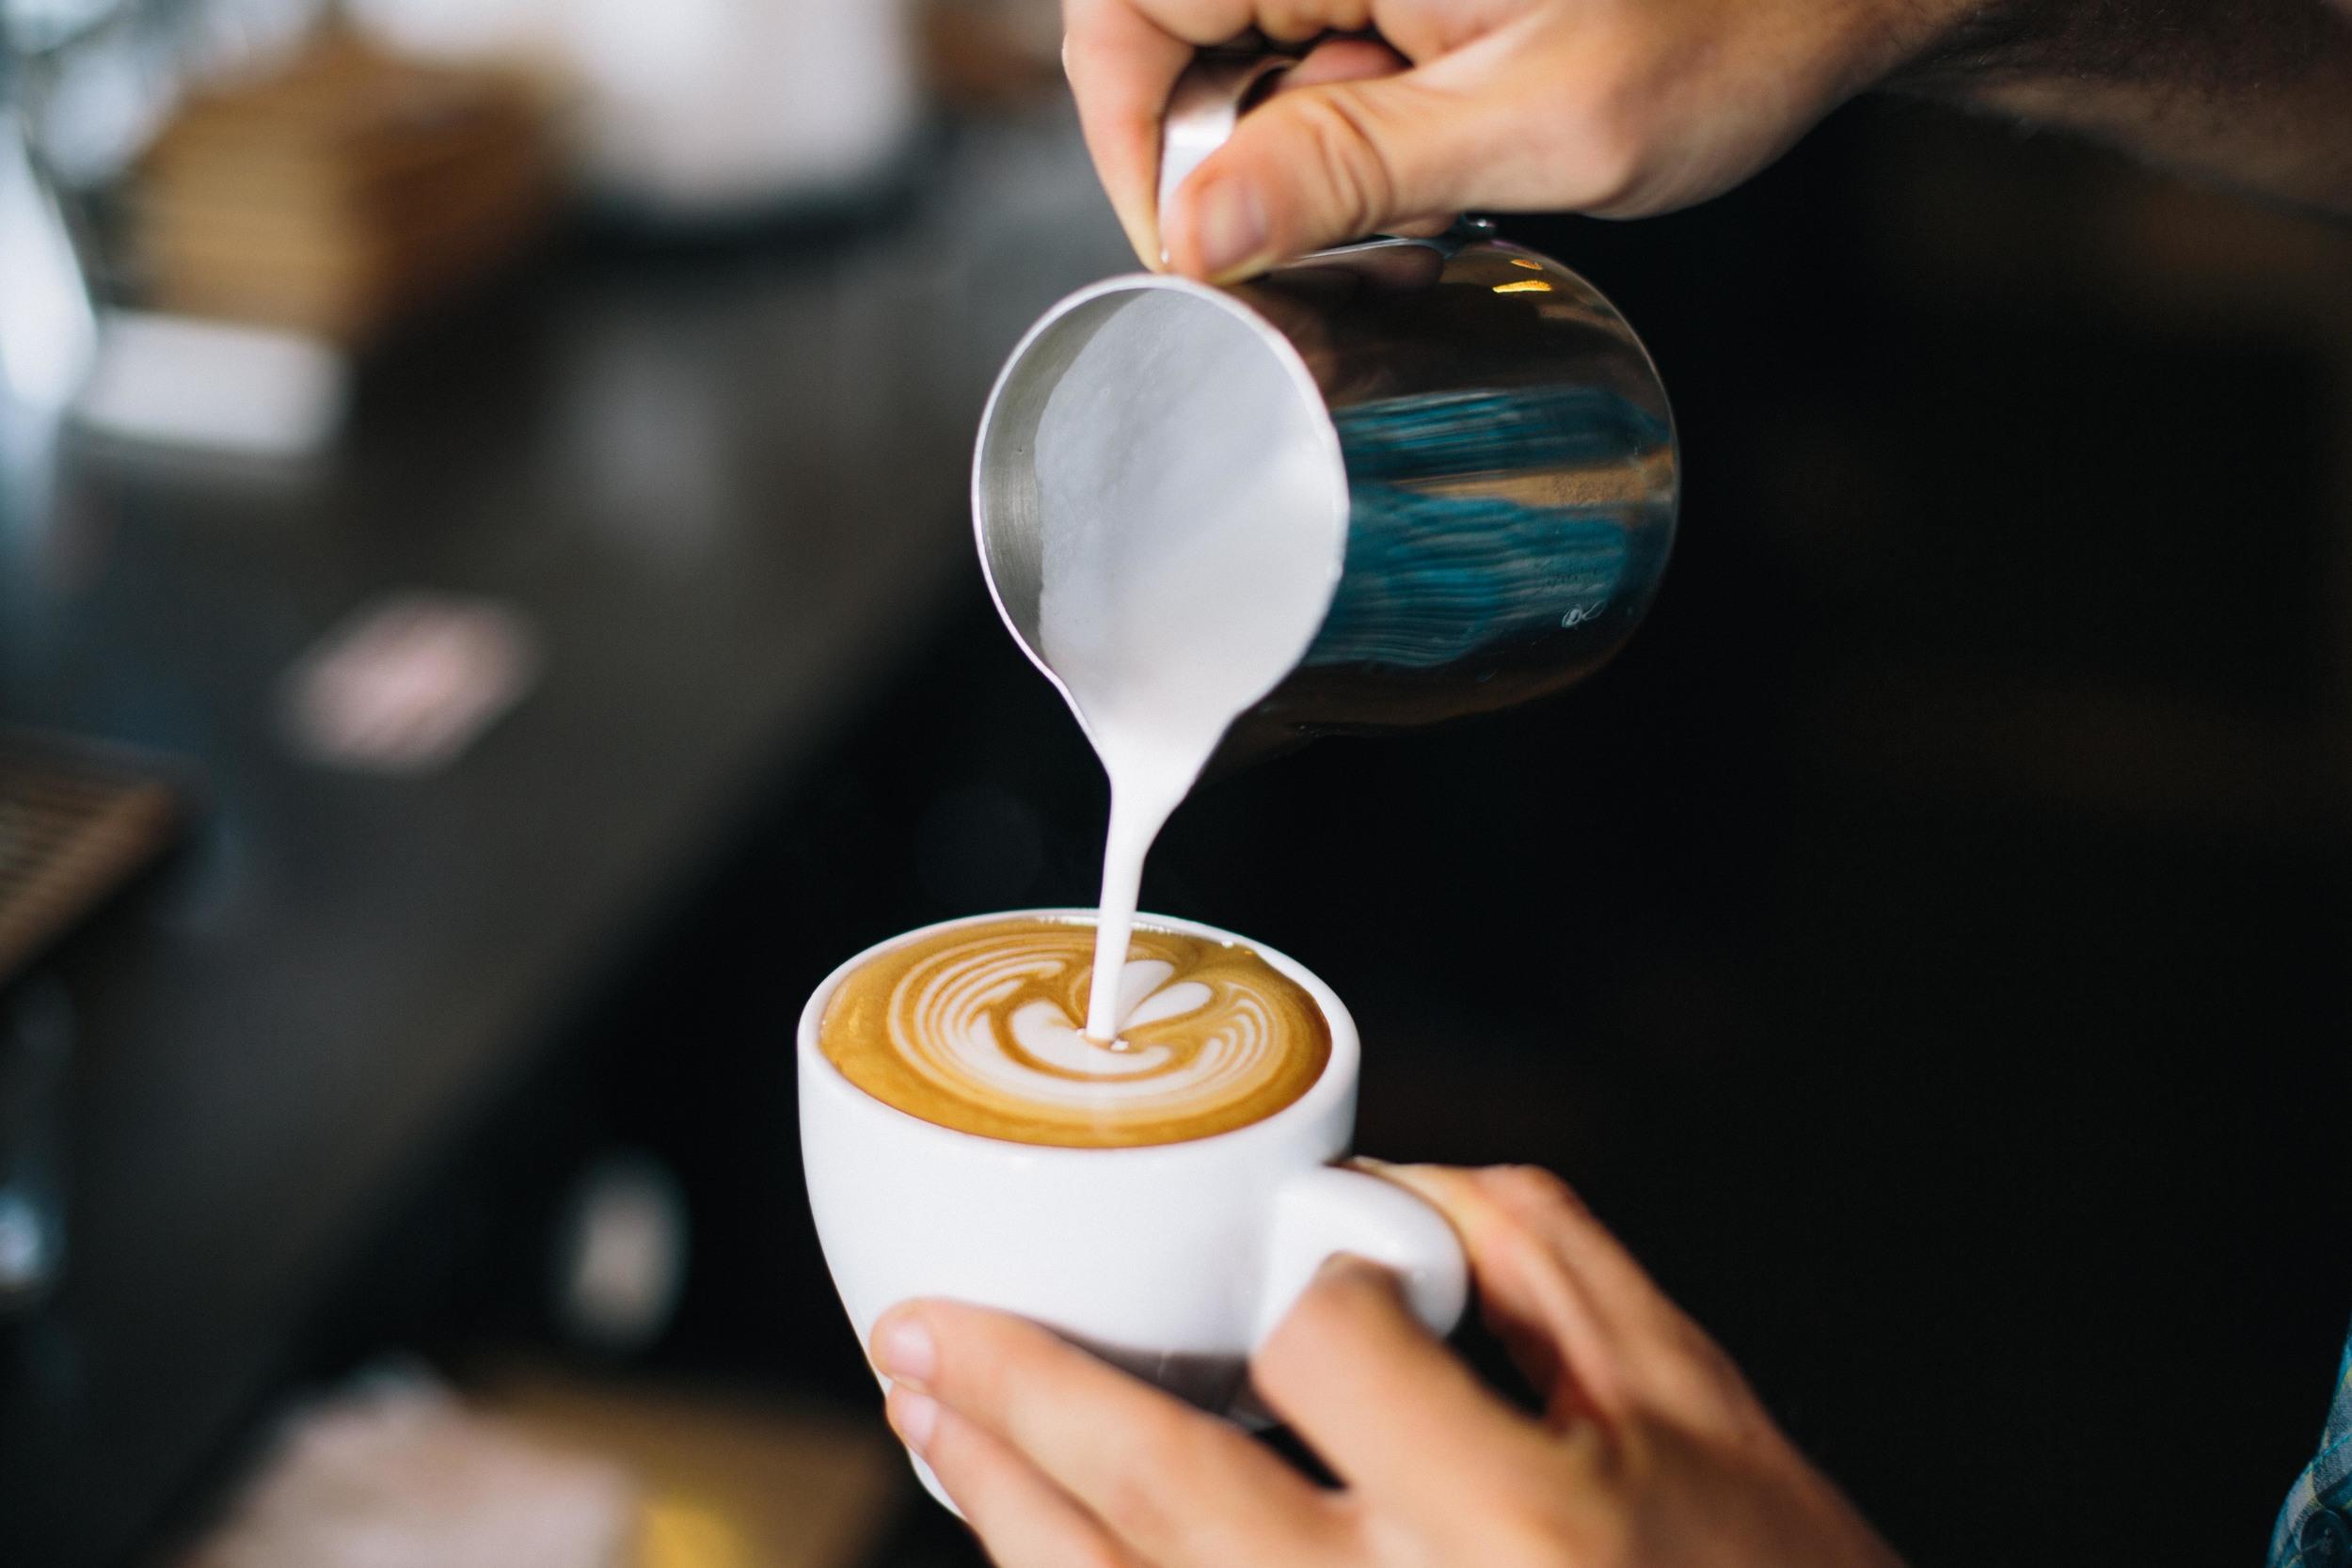 coffeesample-003.jpg